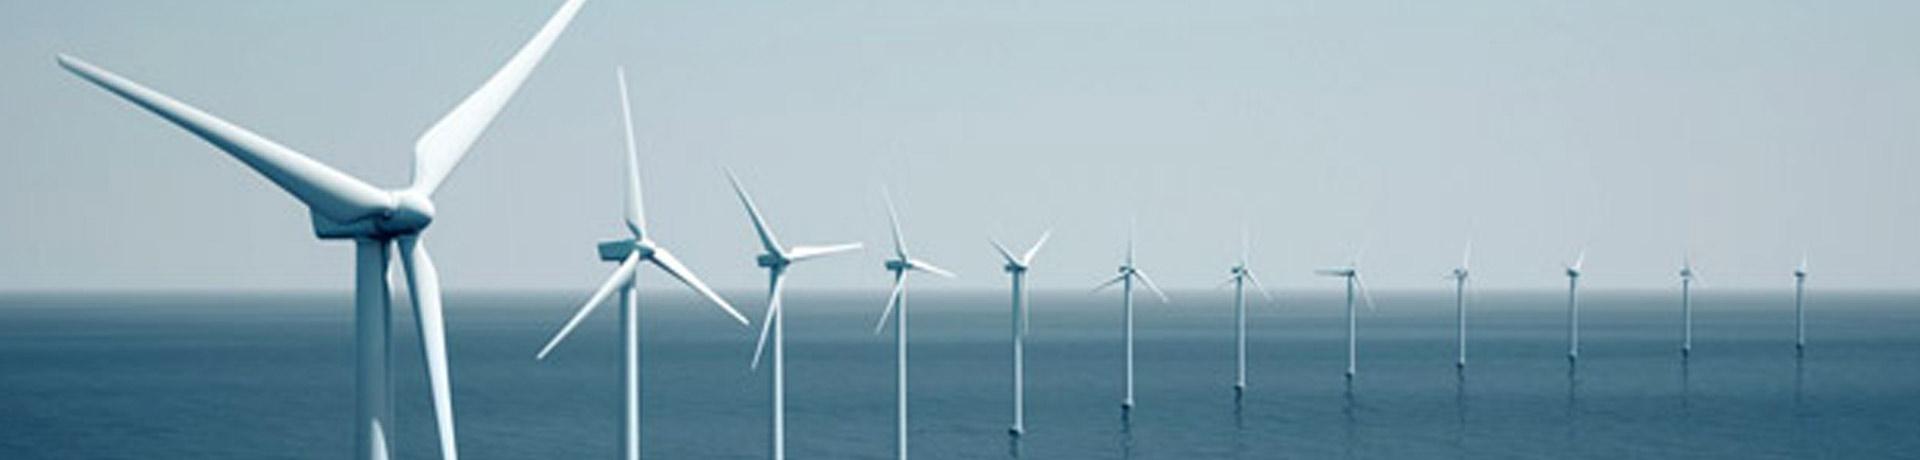 St Brieuc offshore wind farm